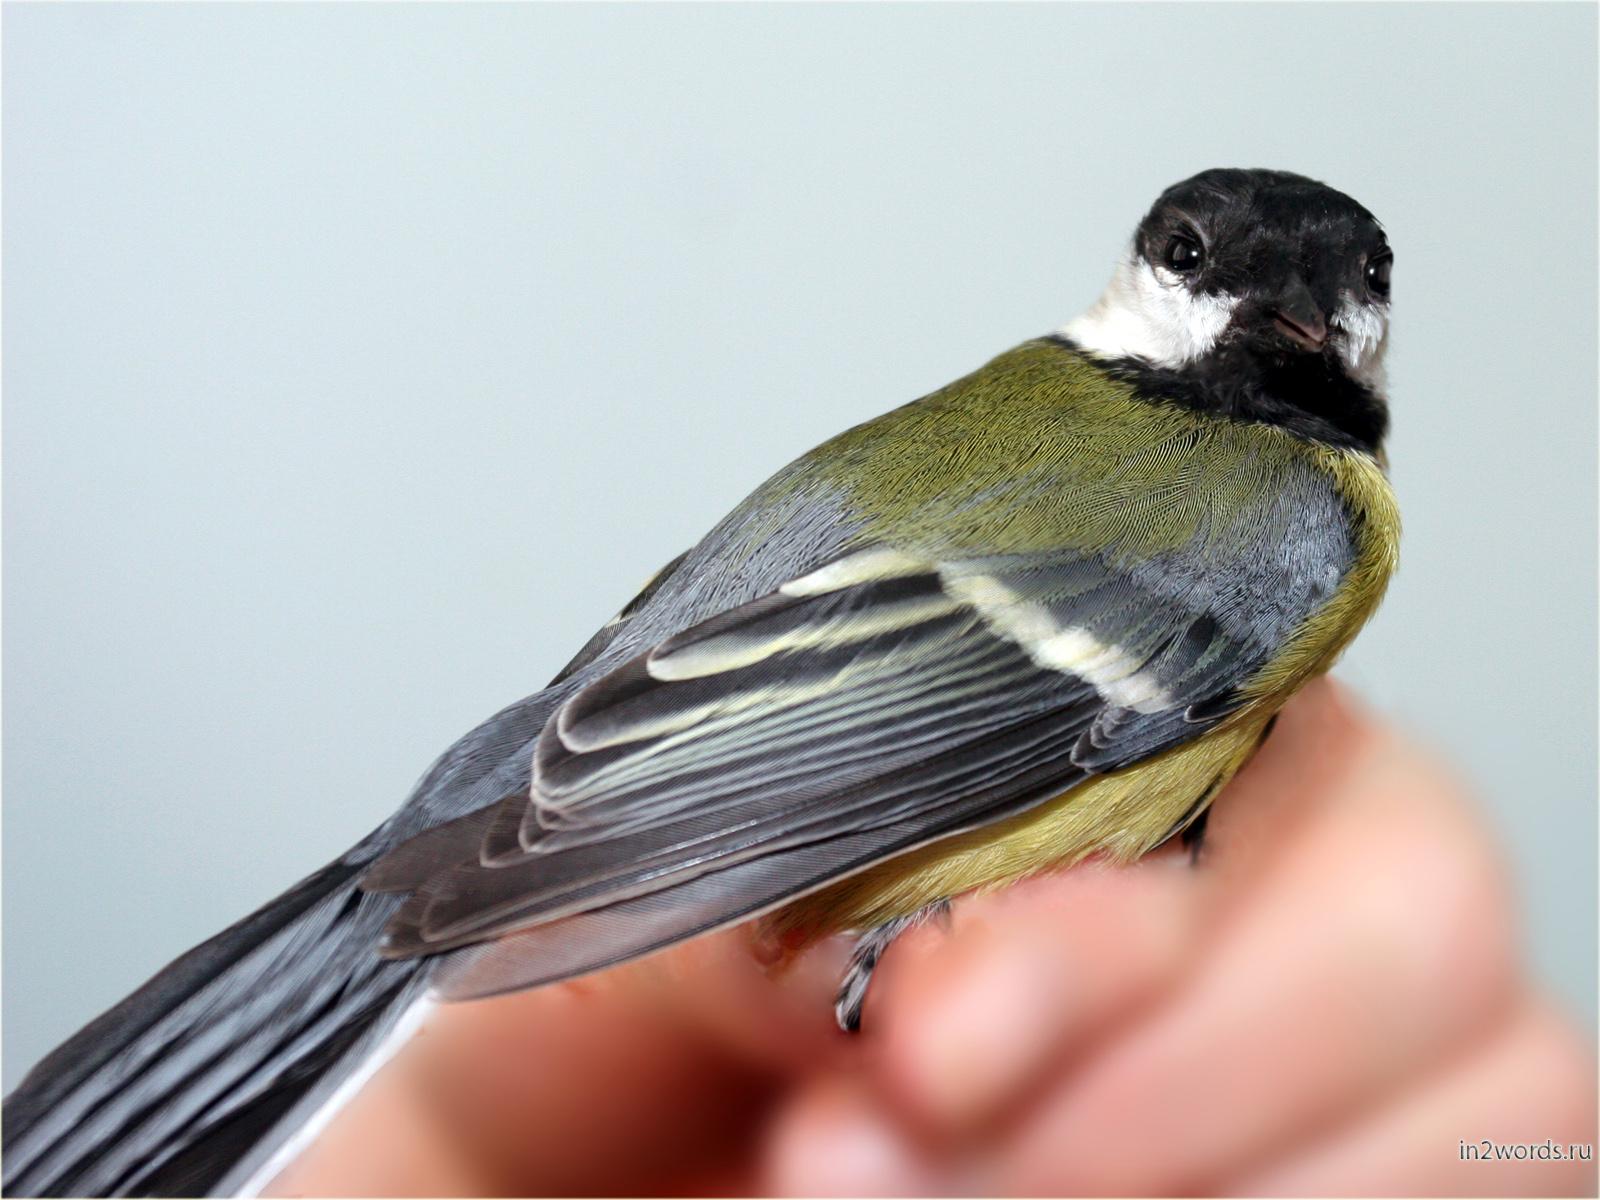 Залетевшая синица в руках или третья птица счастья!